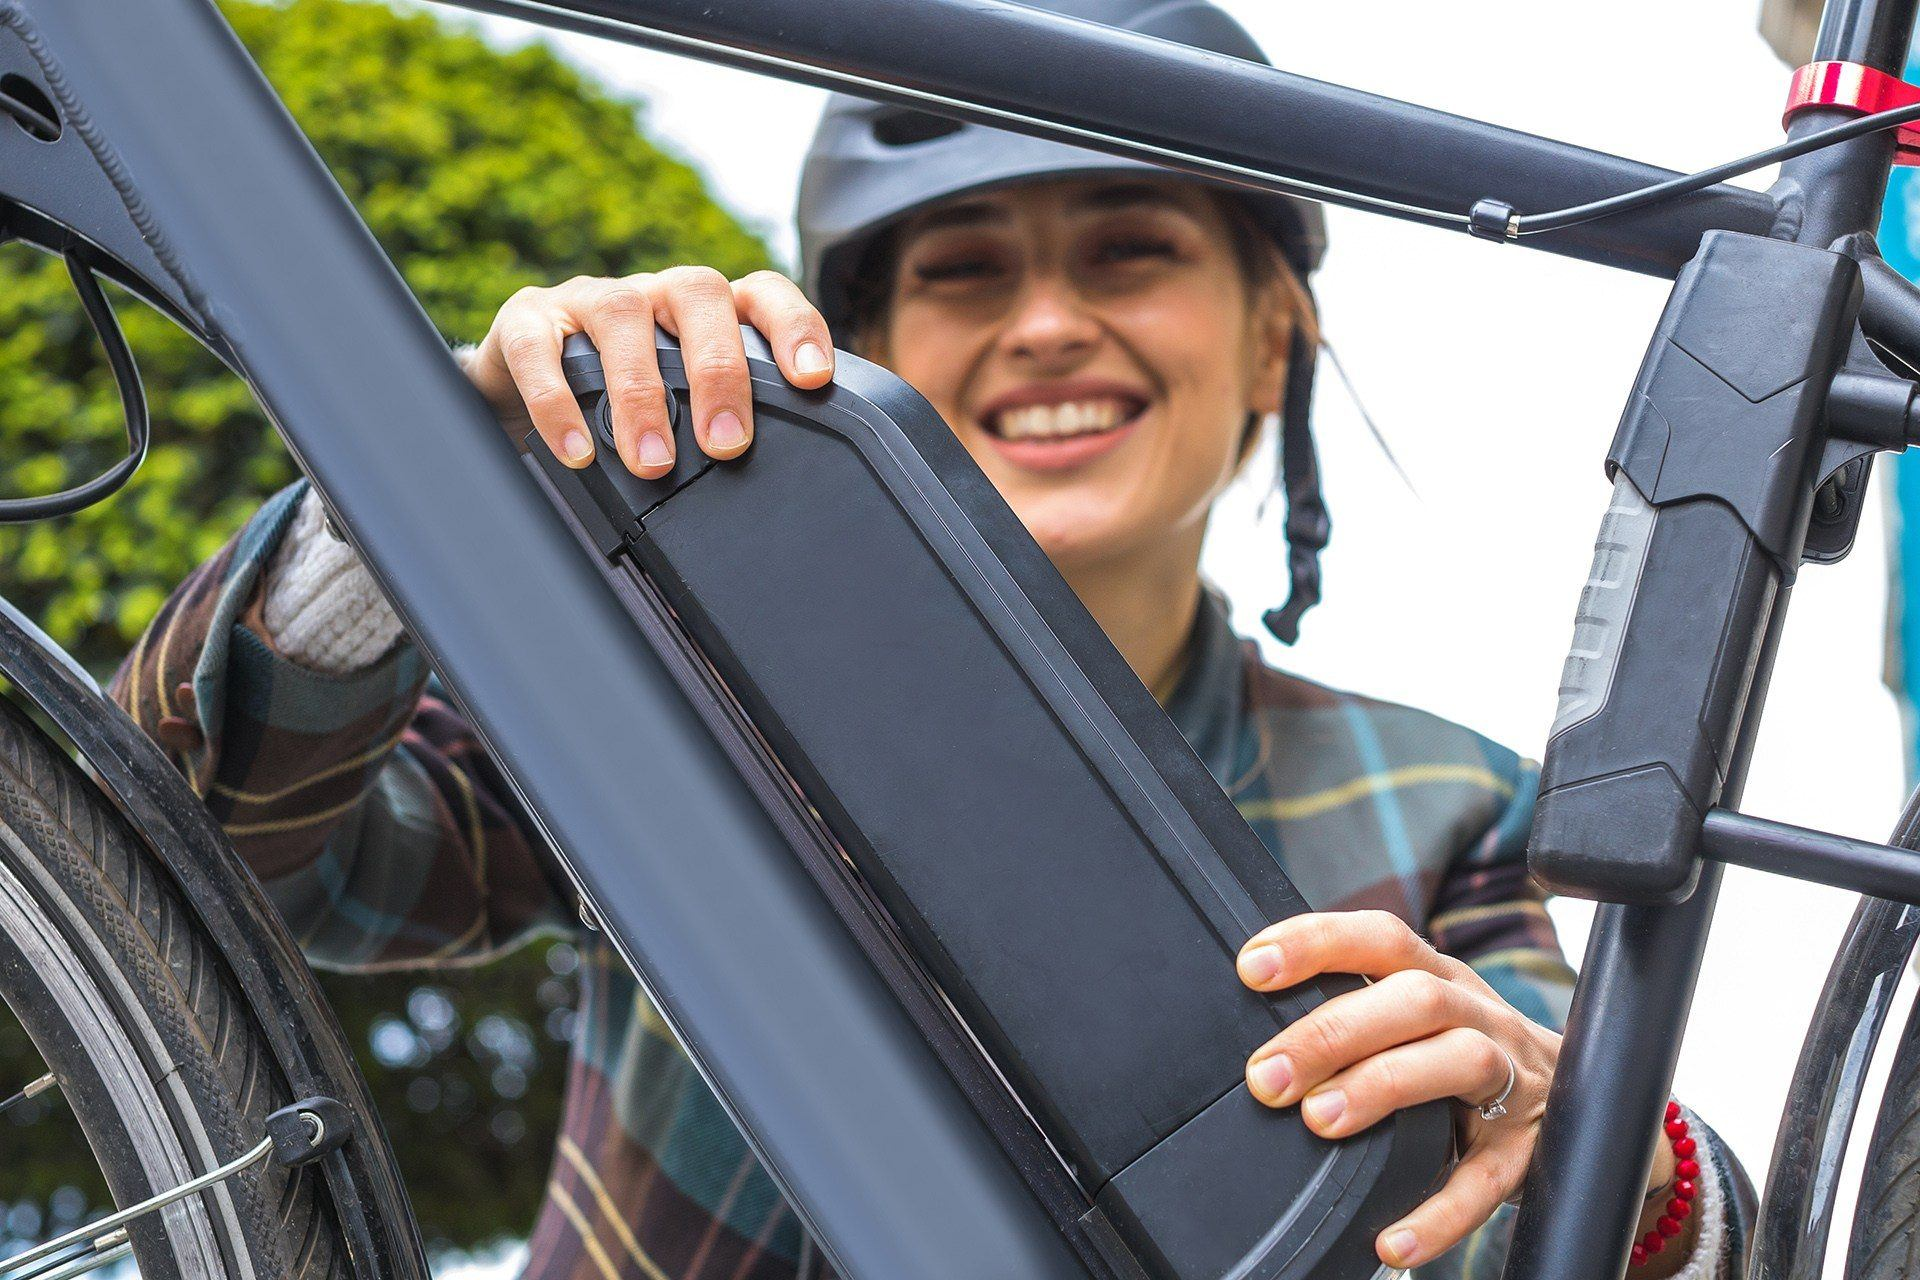 Dame die de accu van haar E-bike veilig gaat opbergen